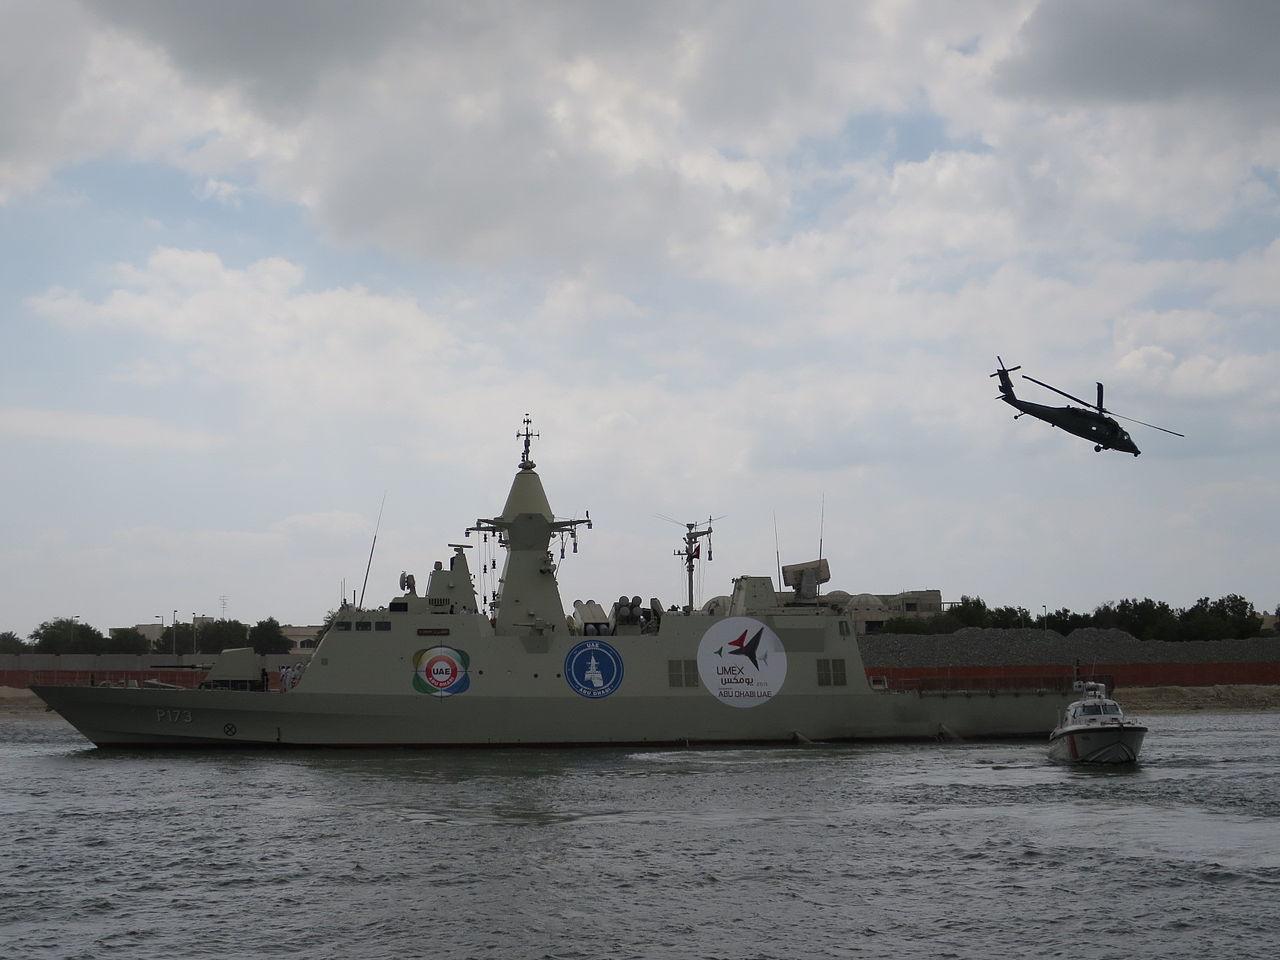 1280px-Baynunah-class_corvette_Al_Dhafra_P-173_at_NAVDEX.jpg